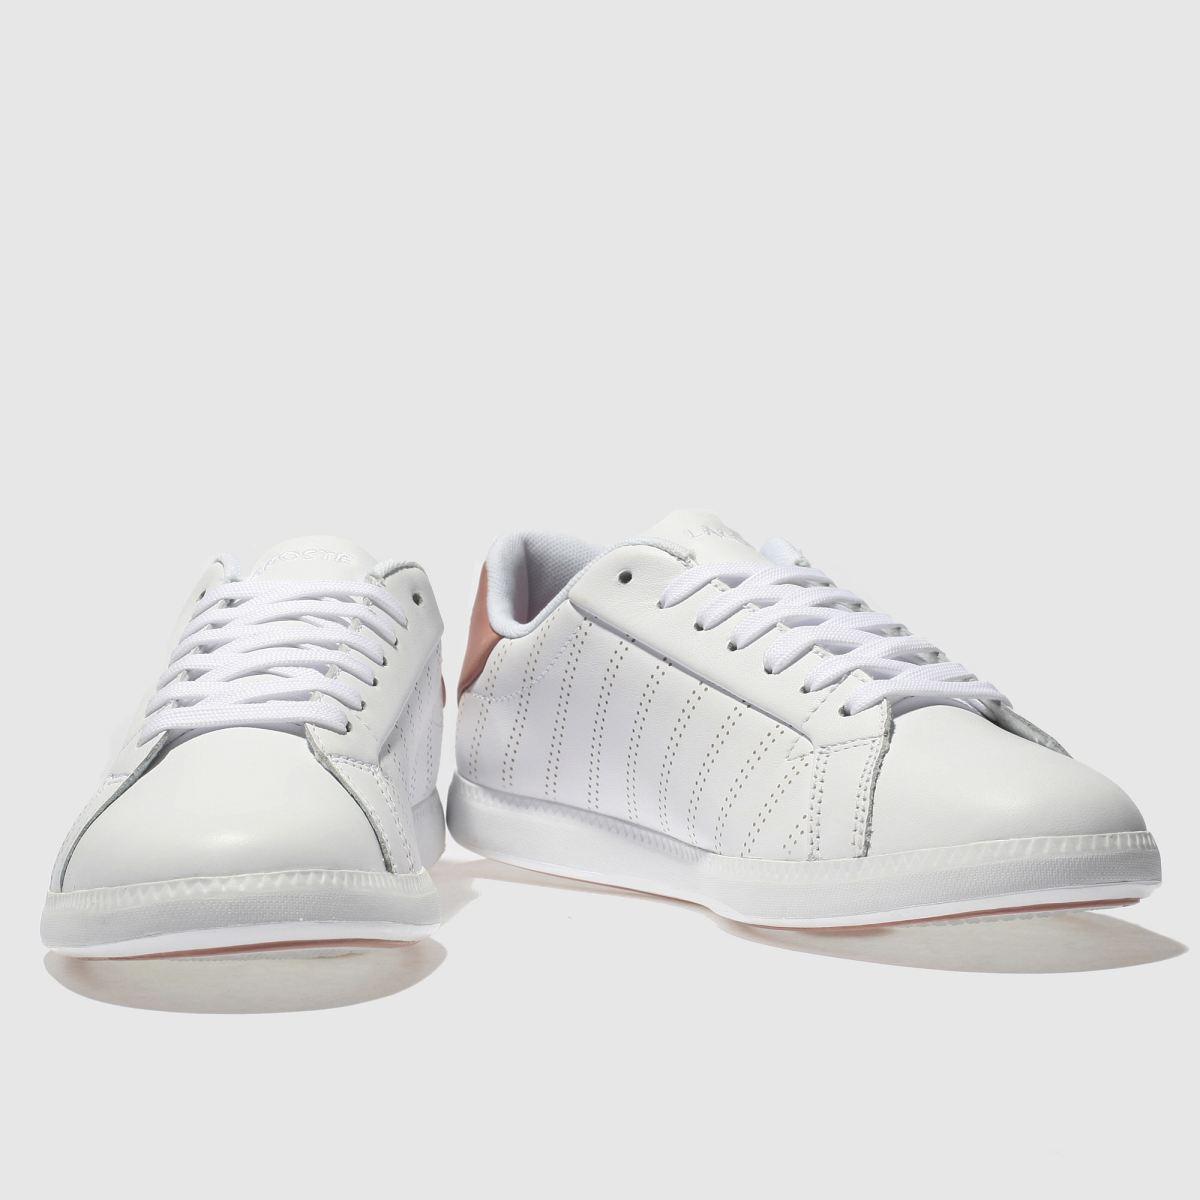 Damen Sneaker Weiß-pink lacoste Graduate 318 Sneaker Damen | schuh Gute Qualität beliebte Schuhe 559a2c